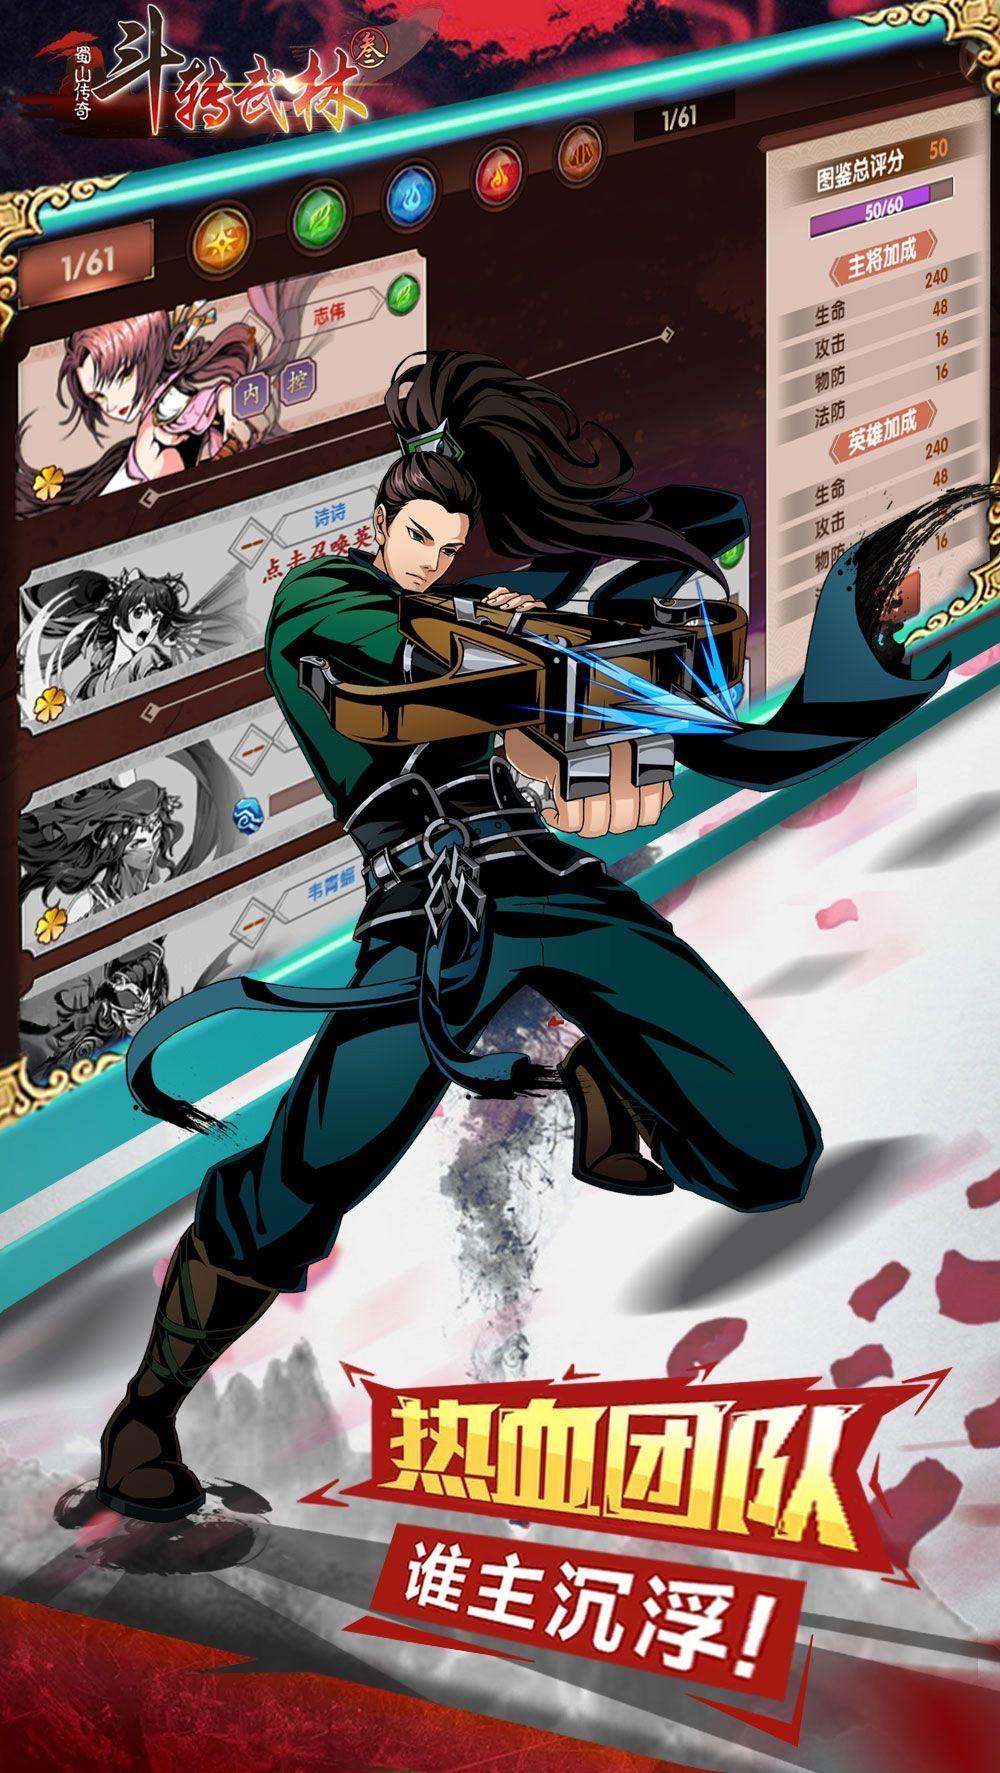 斗转武林3蜀山传奇游戏官方网站下载正式版图1: